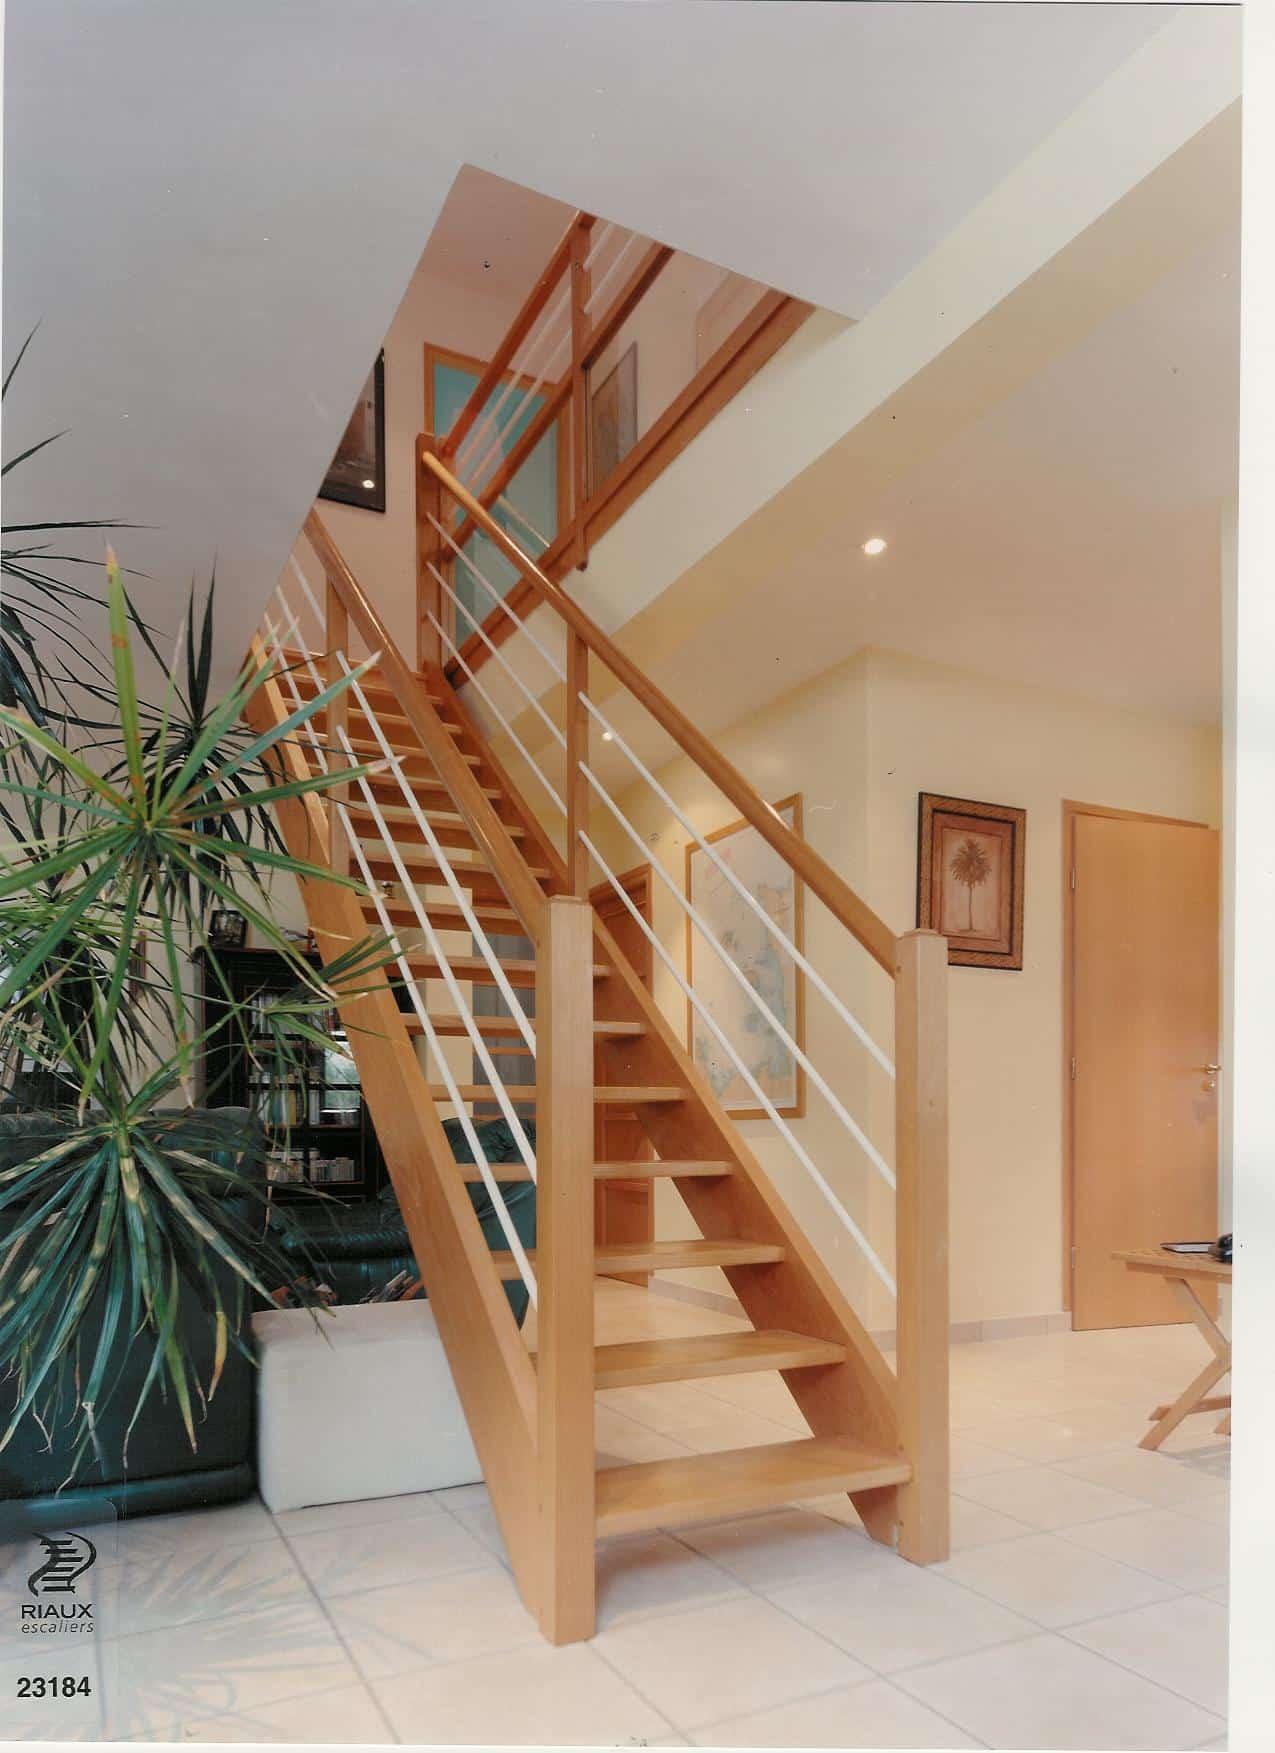 Escalier droit, riaux à Montreuil-Juigné